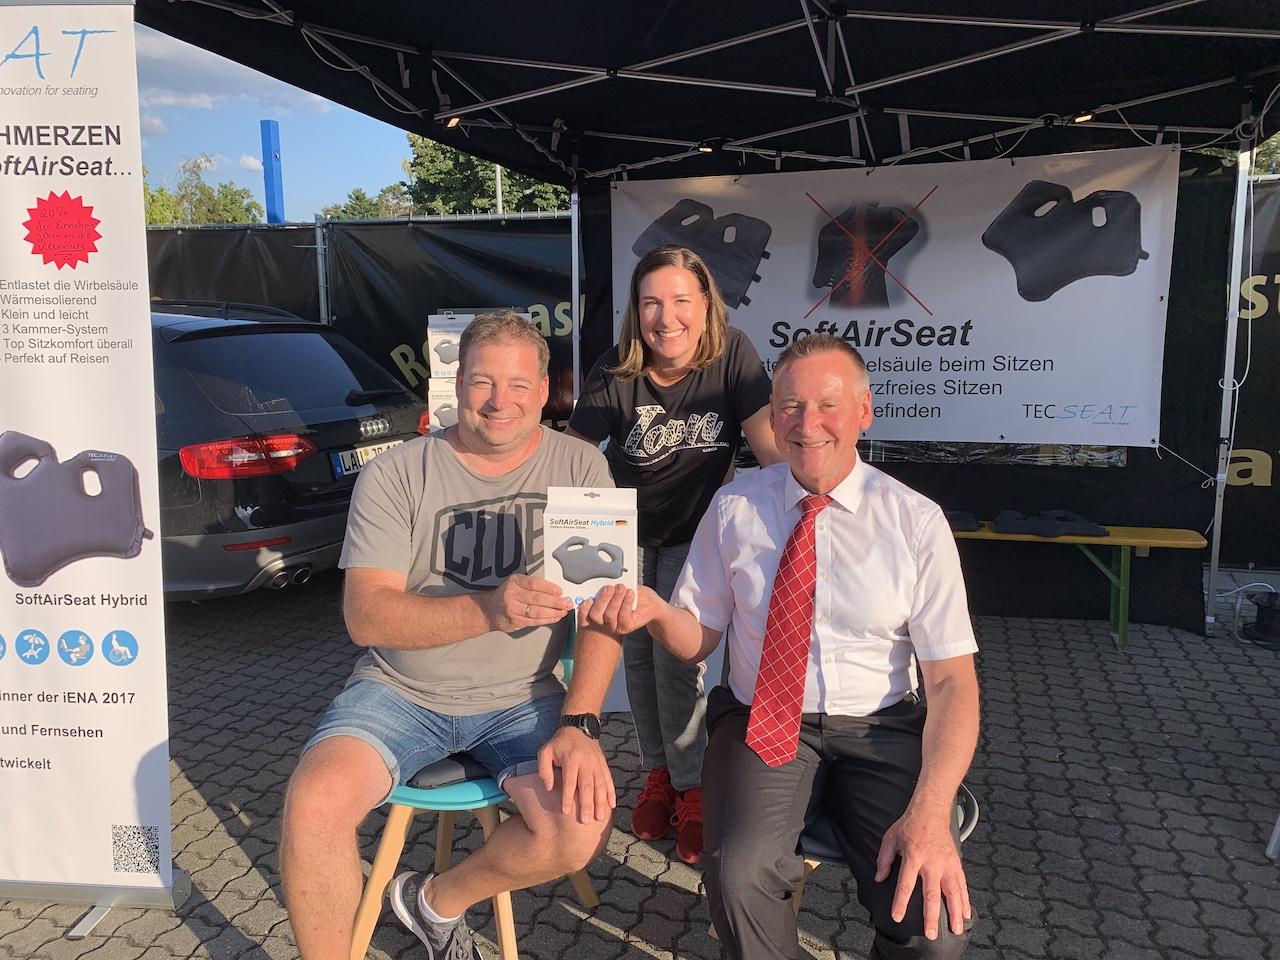 TecSeat beim United Kiltrunnser Festival mit dem mobilen Verkaufsstand und unserem Bürgermeister Dr. Thomas Jung- Schmerzfrei sitzen mit dem SoftAirSeat